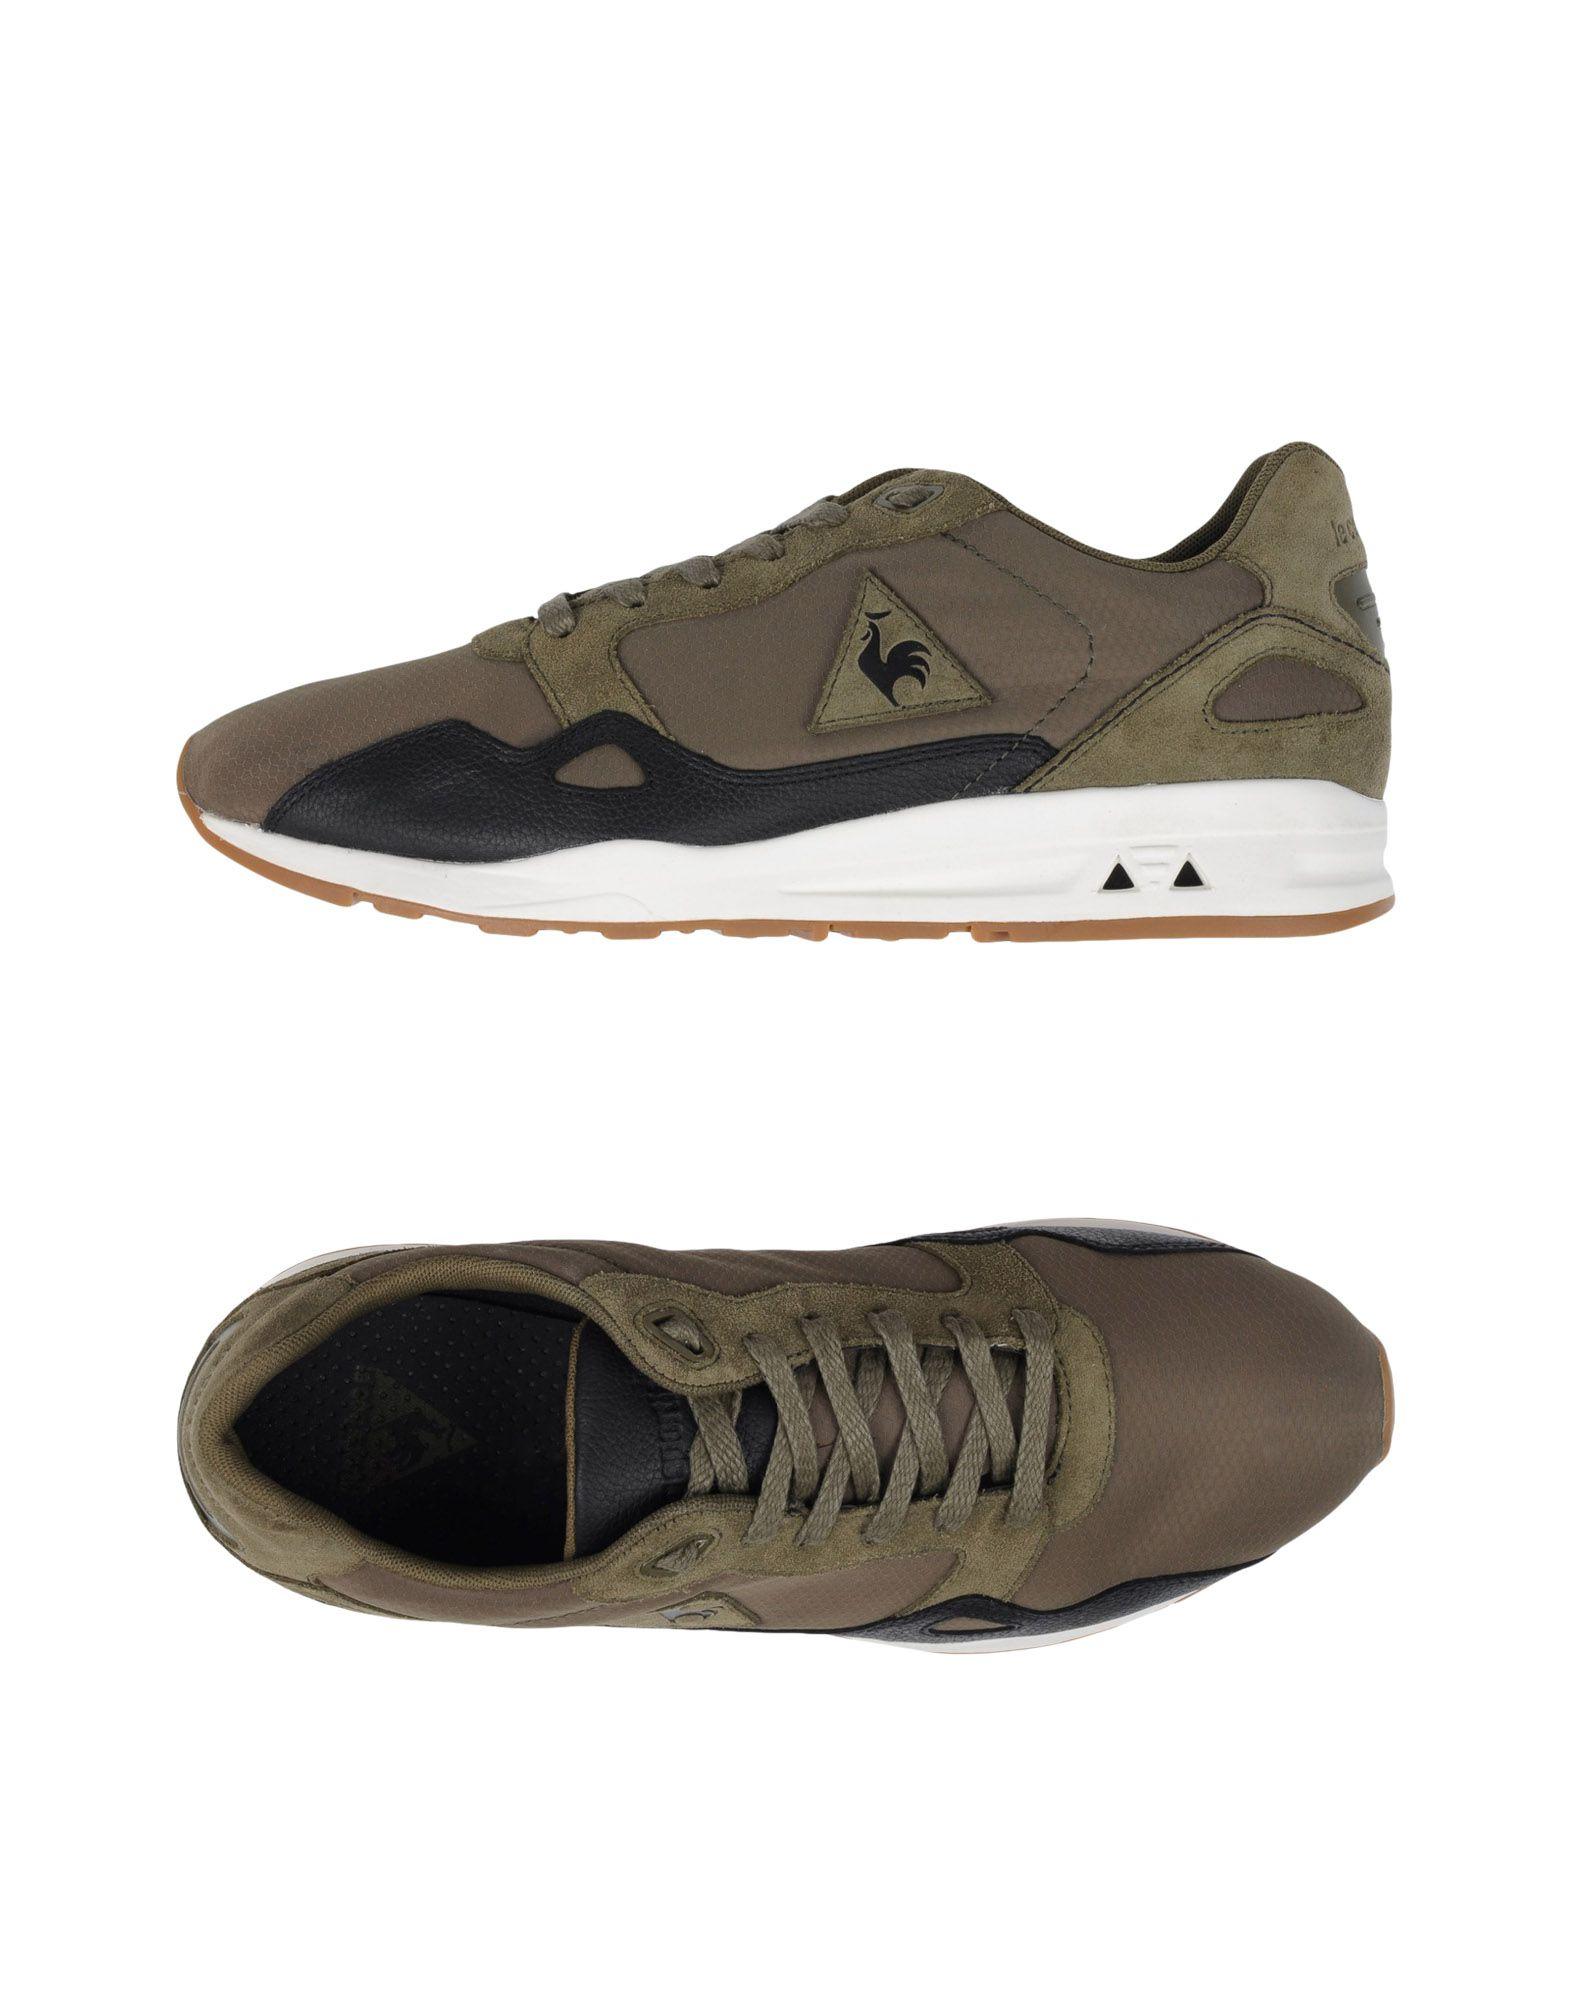 Le Coq Sportif Lcs Sneakers R900 C Winter - Sneakers Lcs - Men Le Coq Sportif Sneakers online on  Australia - 11157784KB 25e7f1